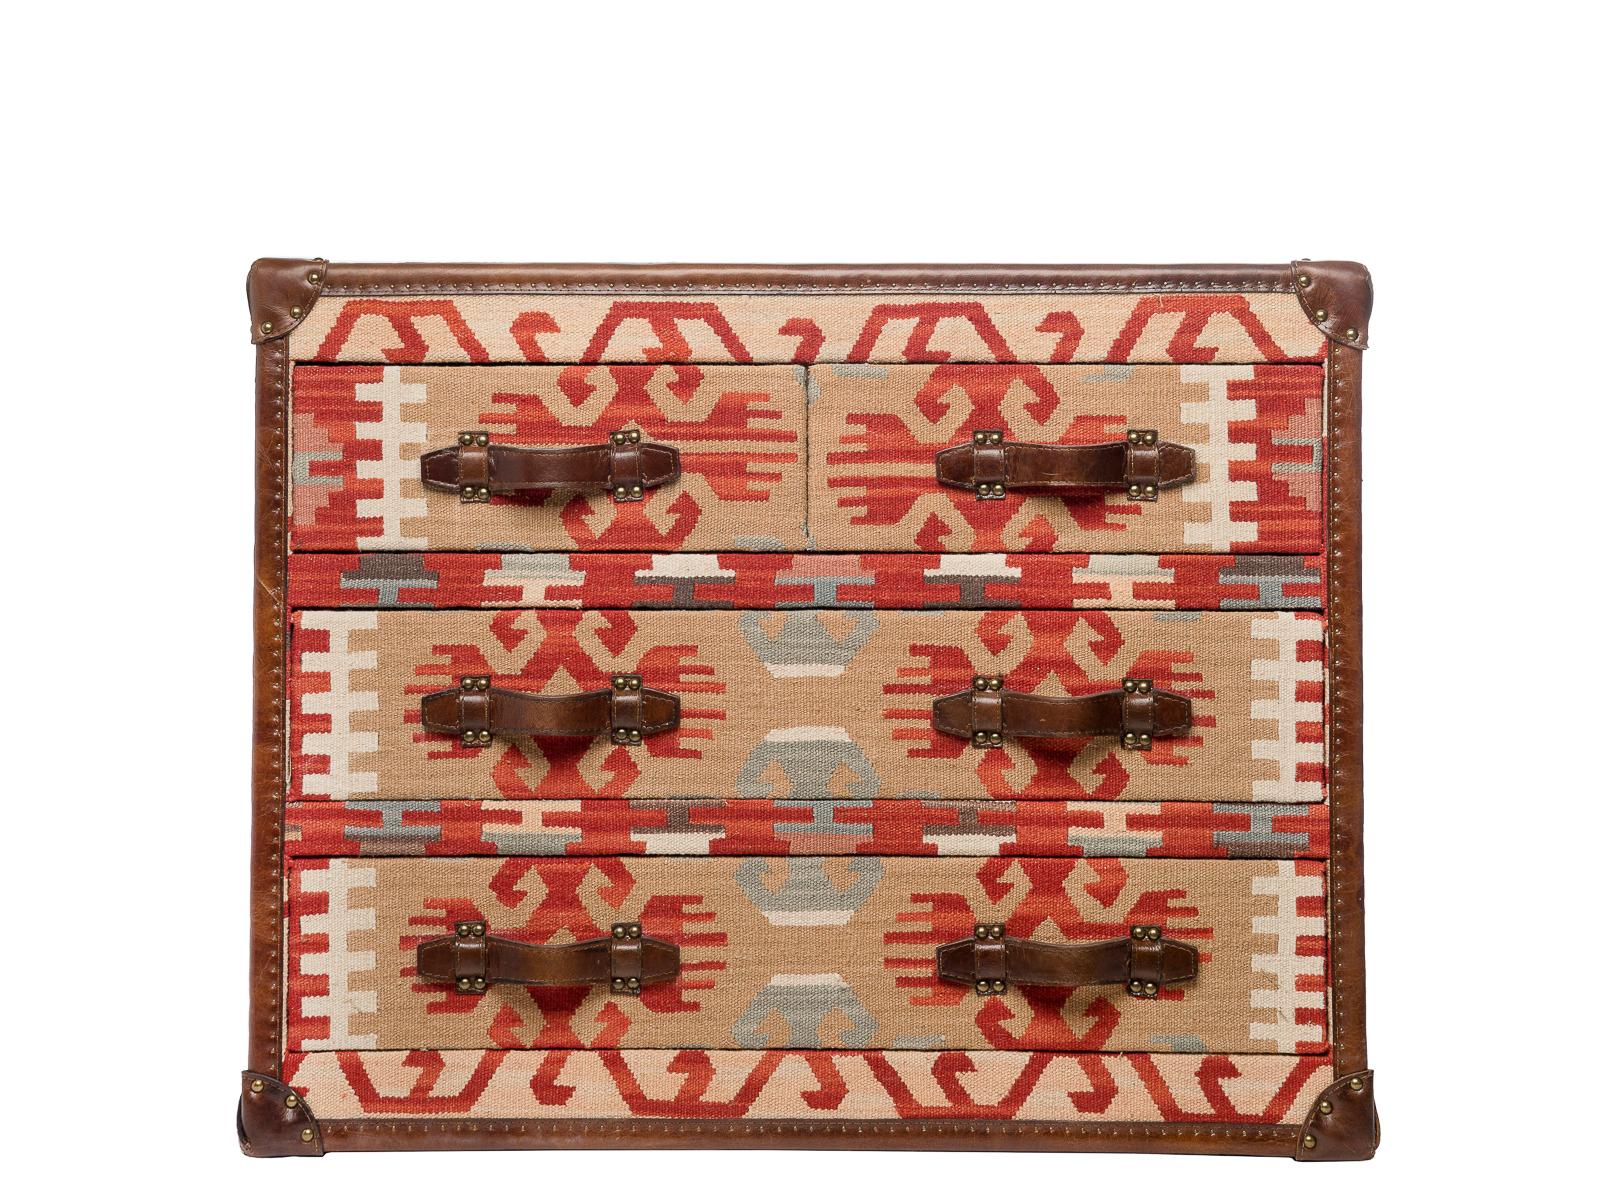 Комод KillimИнтерьерные комоды<br>Этот комод, напоминающий сундук, - невероятно оригинальный предмет интерьера: деревянный каркас обит гобеленом с этническими орнаментами, отсылающих нас к загадочной Южной Америке, и классическая для сундуков кожаная отделка по канту.<br><br>Материал: текстиль - гобелен, каркас - хвоя, кант - натуральная кожа.<br><br>Material: Дерево<br>Length см: 100.0<br>Width см: None<br>Depth см: 49.0<br>Height см: 79.0<br>Diameter см: None